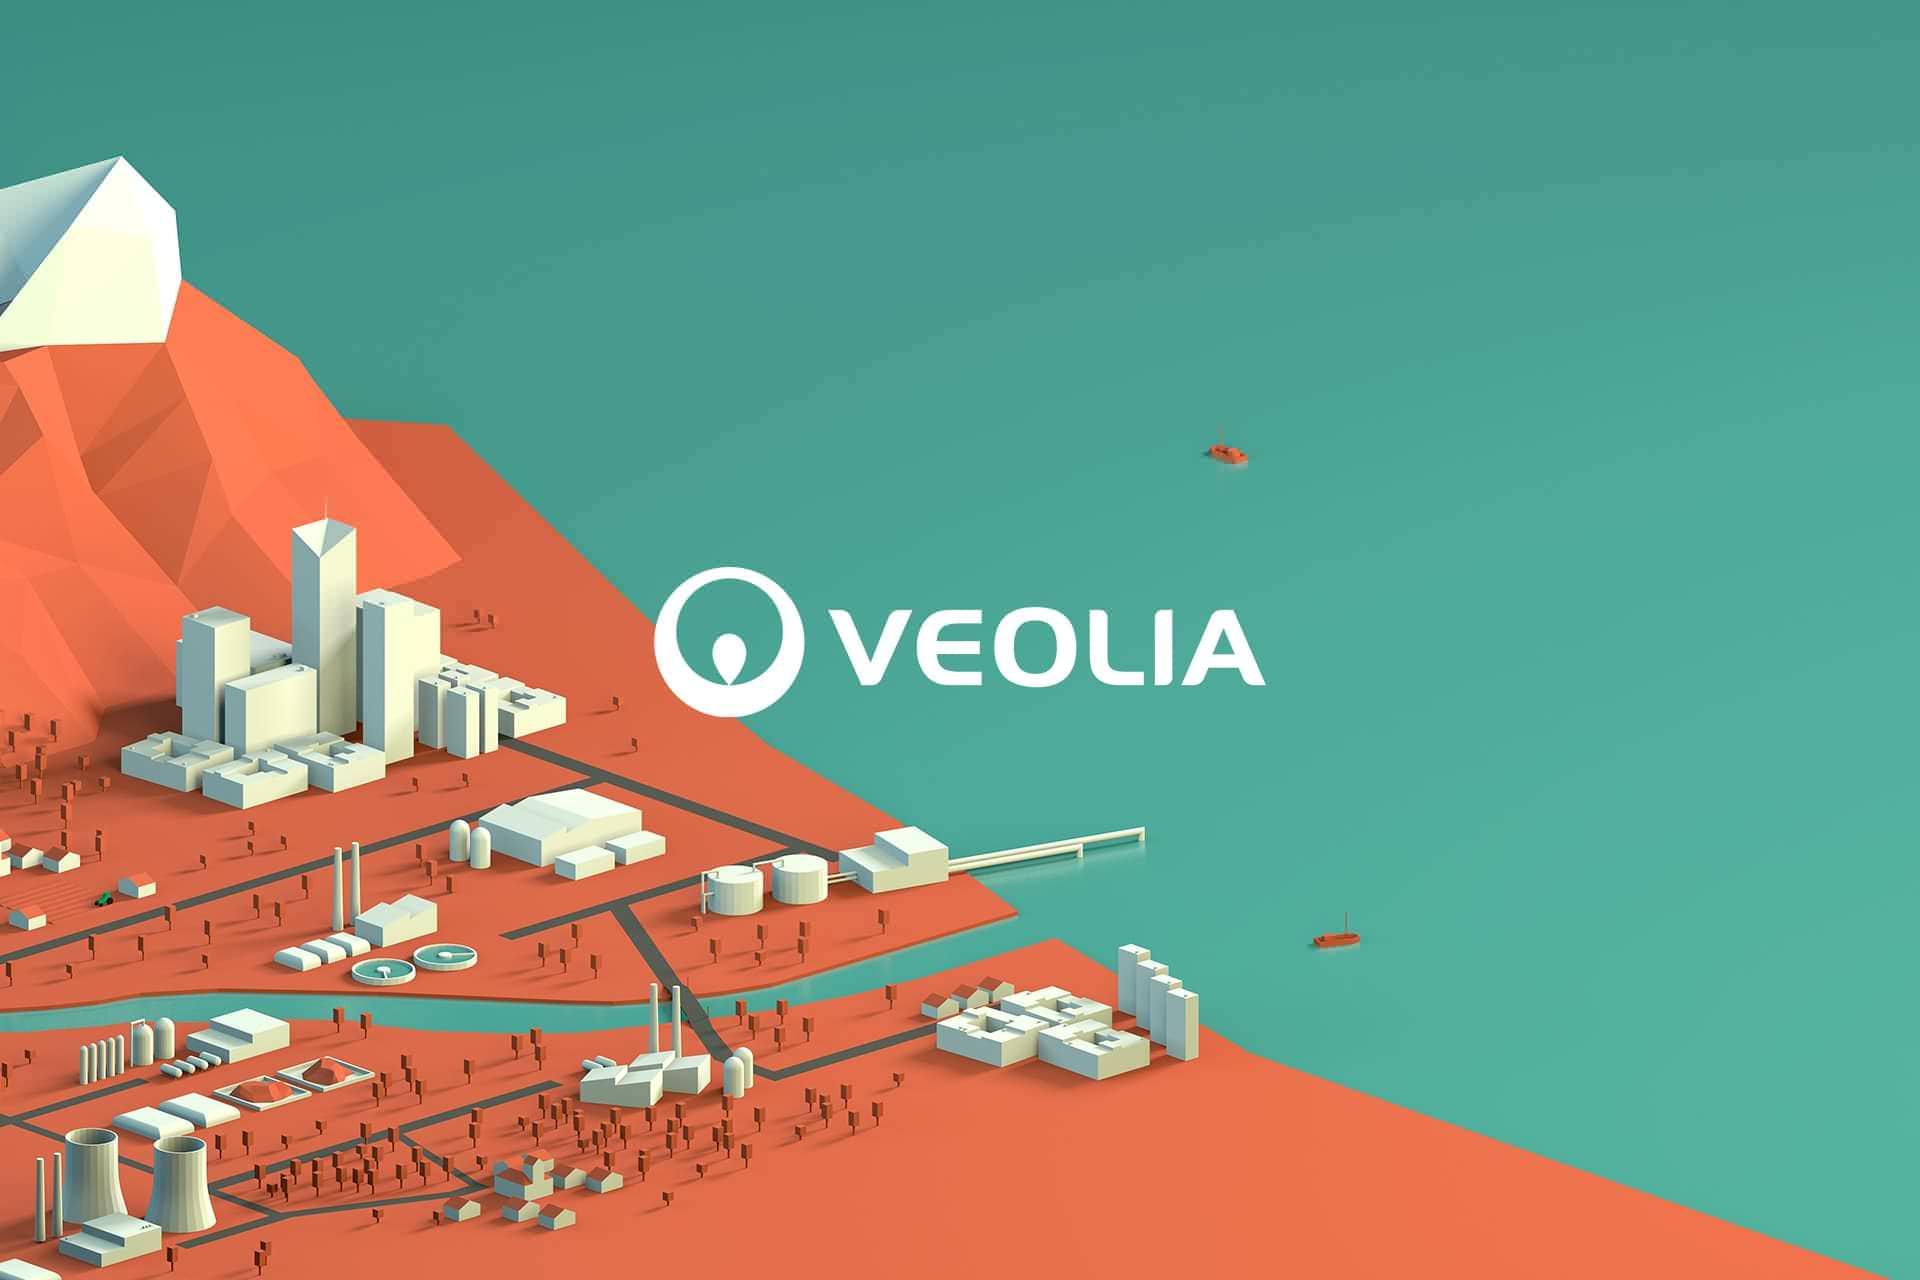 Agencia creativa y de publicidad waka: proyecto Veolia, 2018